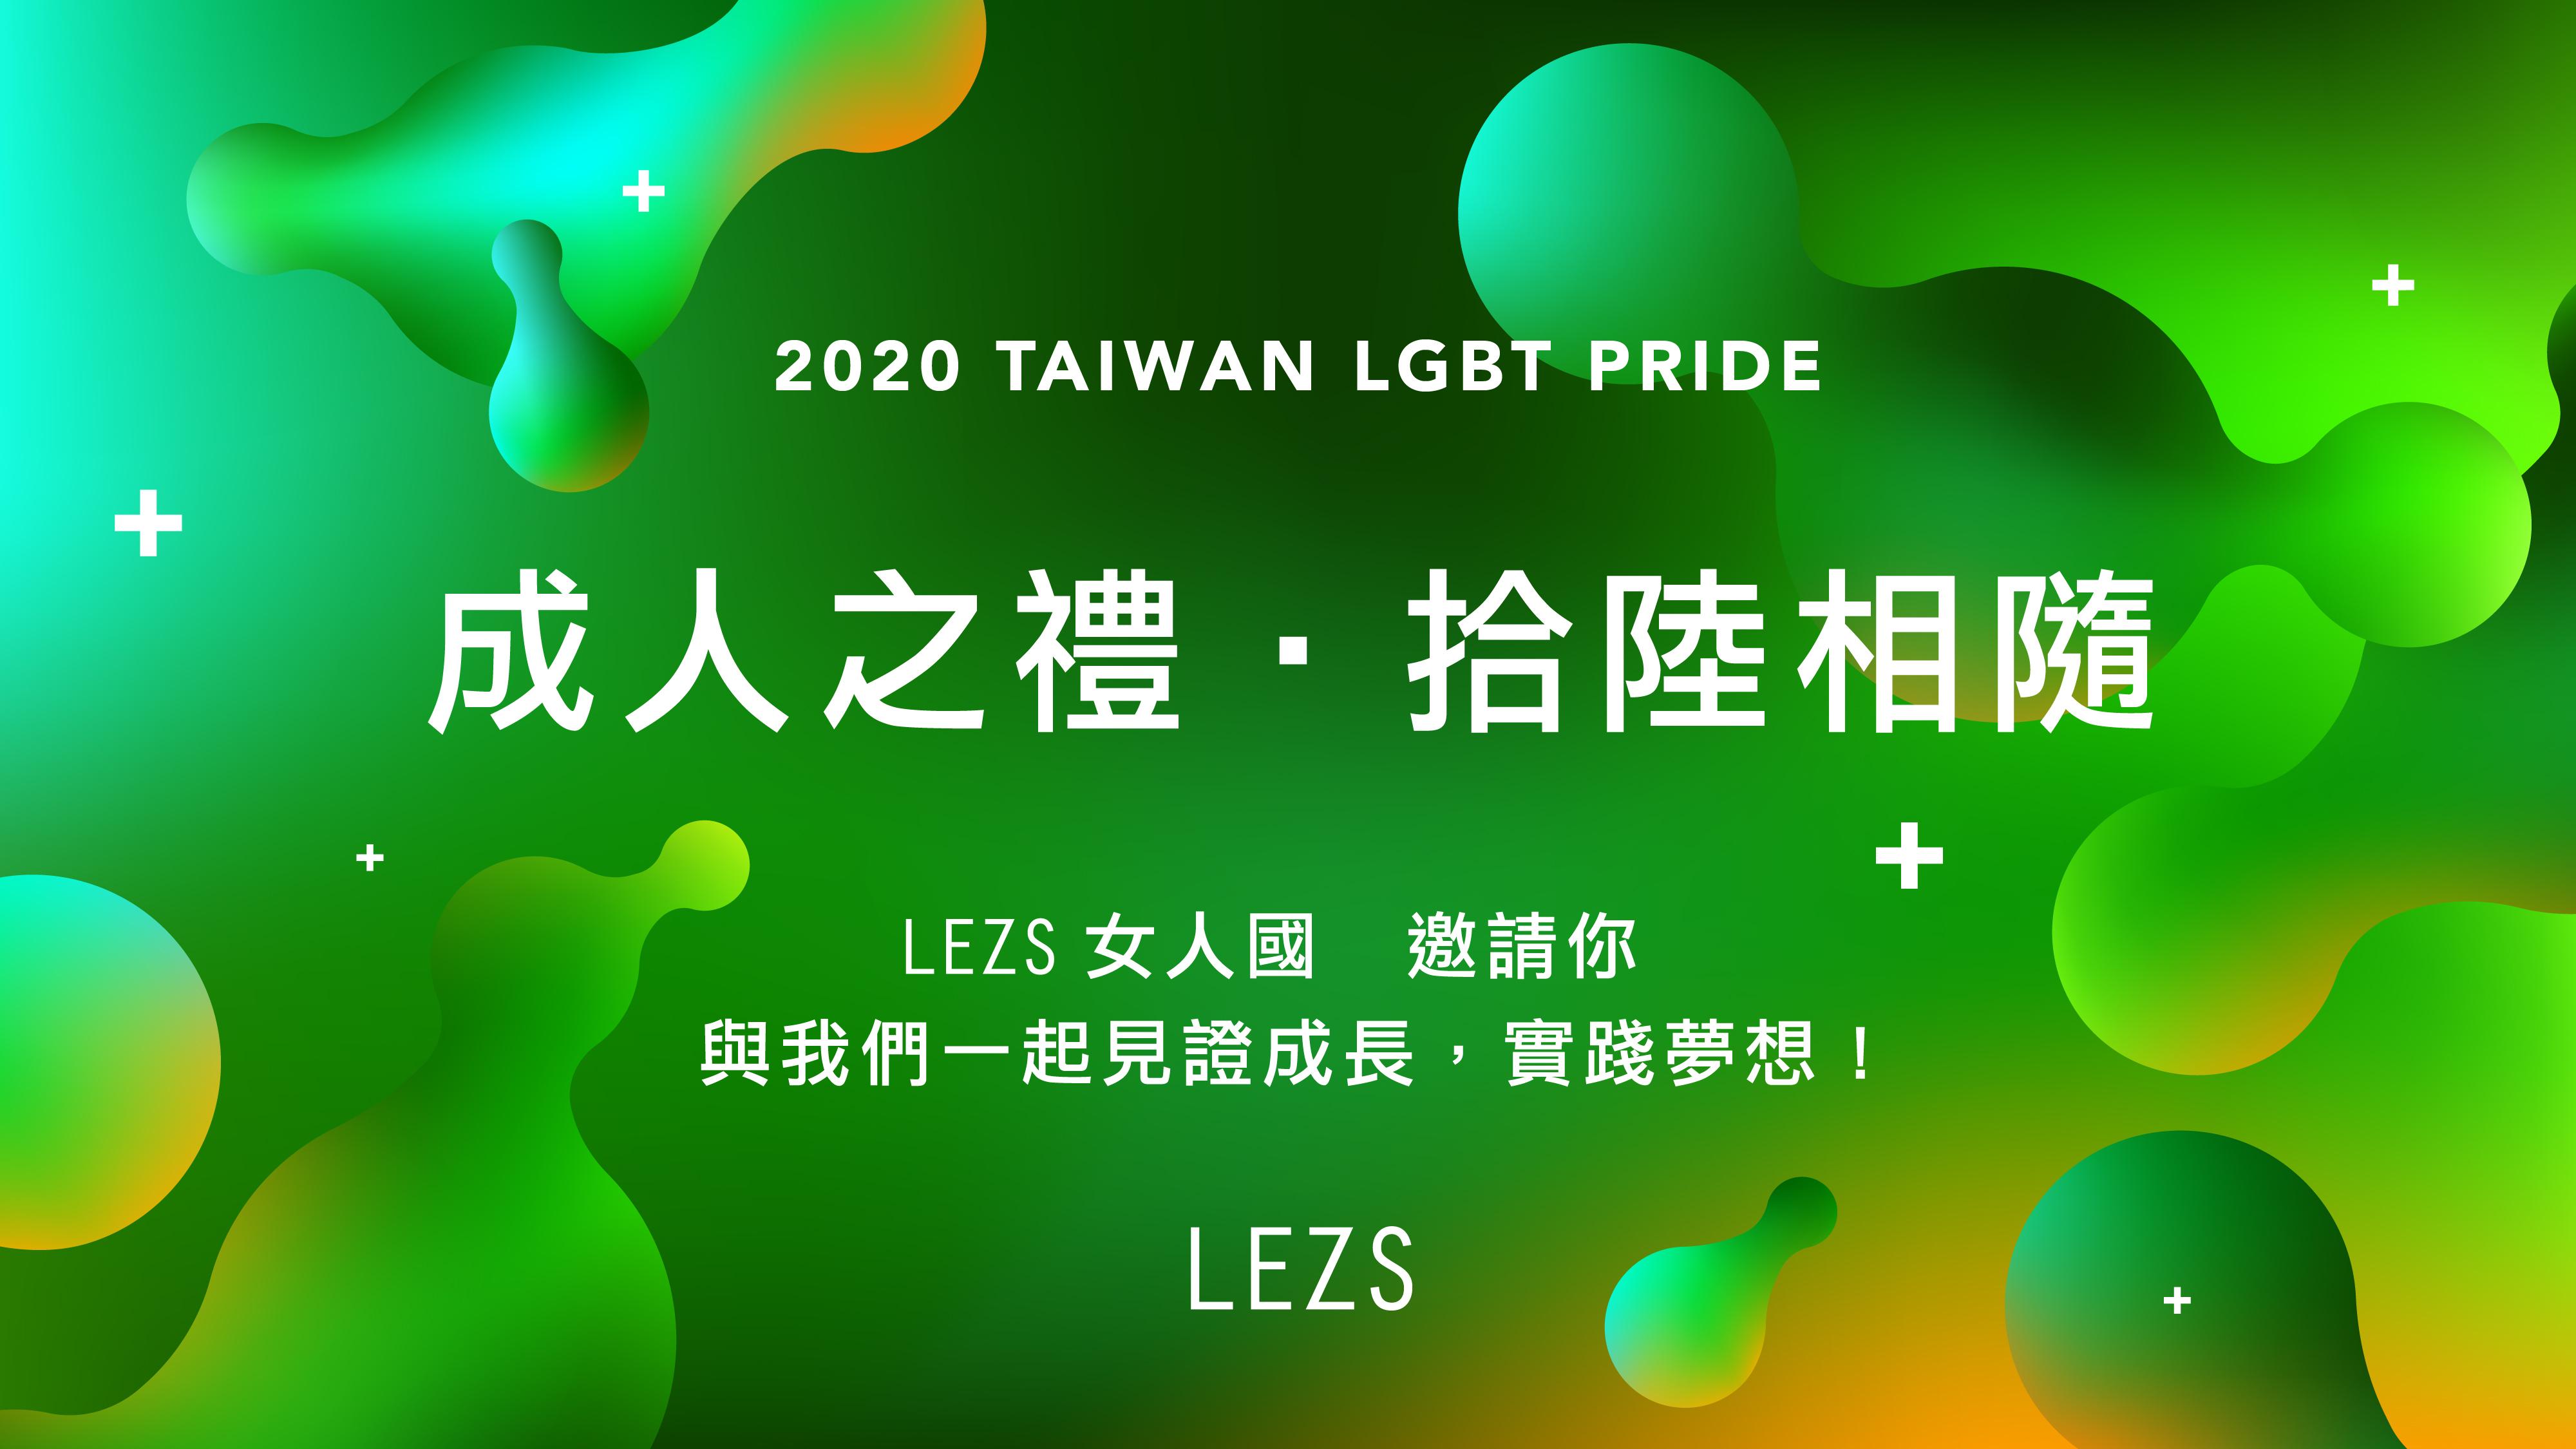 10月31不分異同、不畏豔陽走上街,Lez's Meeting女人國 & LEZS邀你與我們一起接明亮的後婚平時代